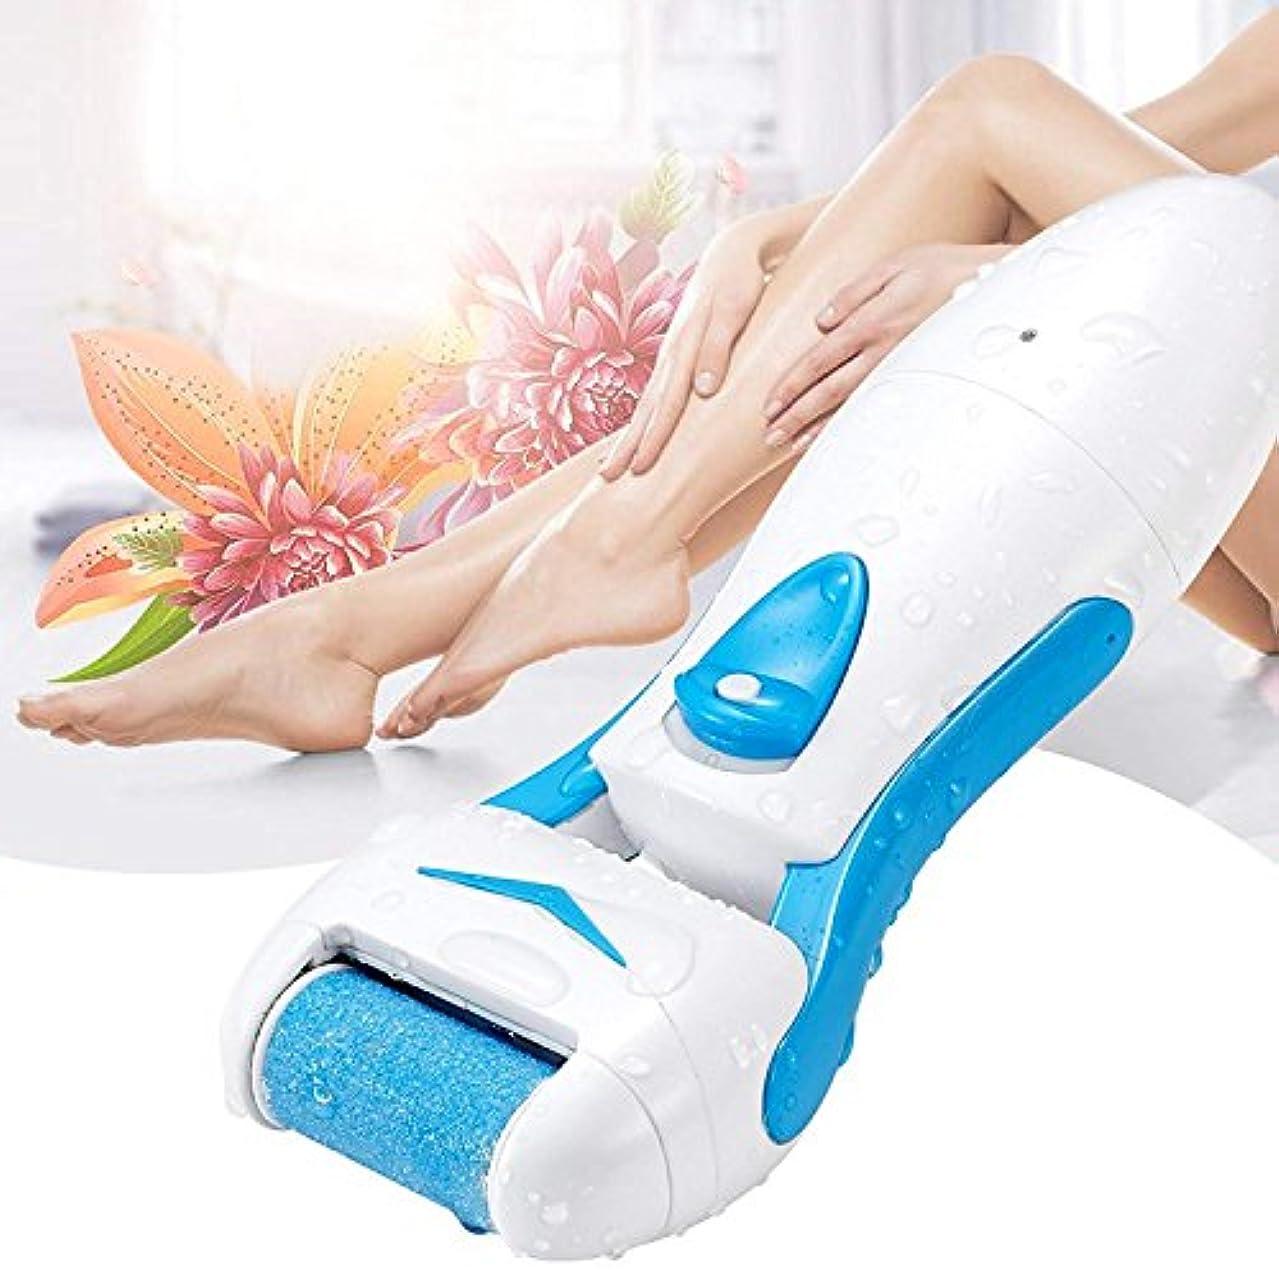 一病者旅行代理店fairycity 電動角質リムーバー 角質やすり アレルギー防止 かかと角質除去 電動角質ローラー 持ち運び便利